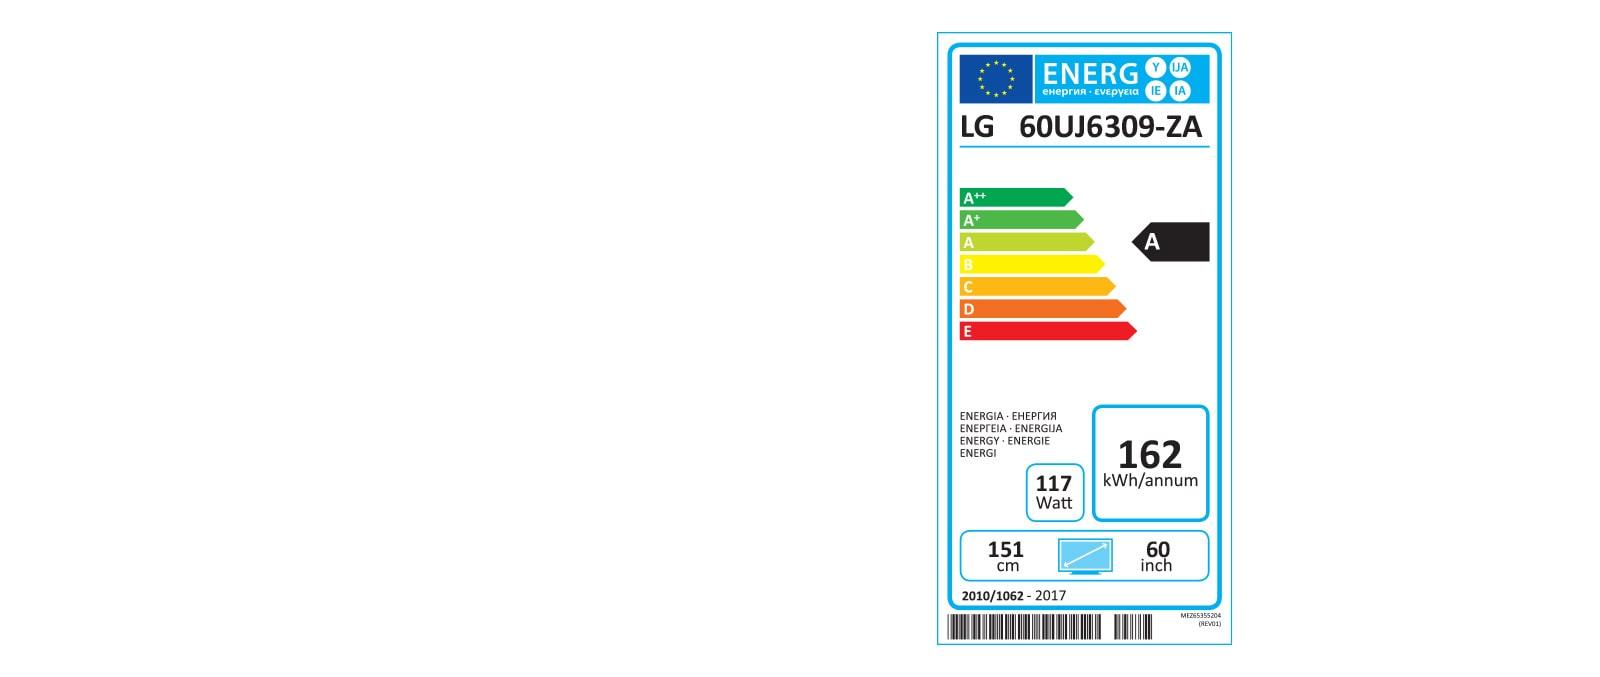 Etiquette Energie 60UJ630V